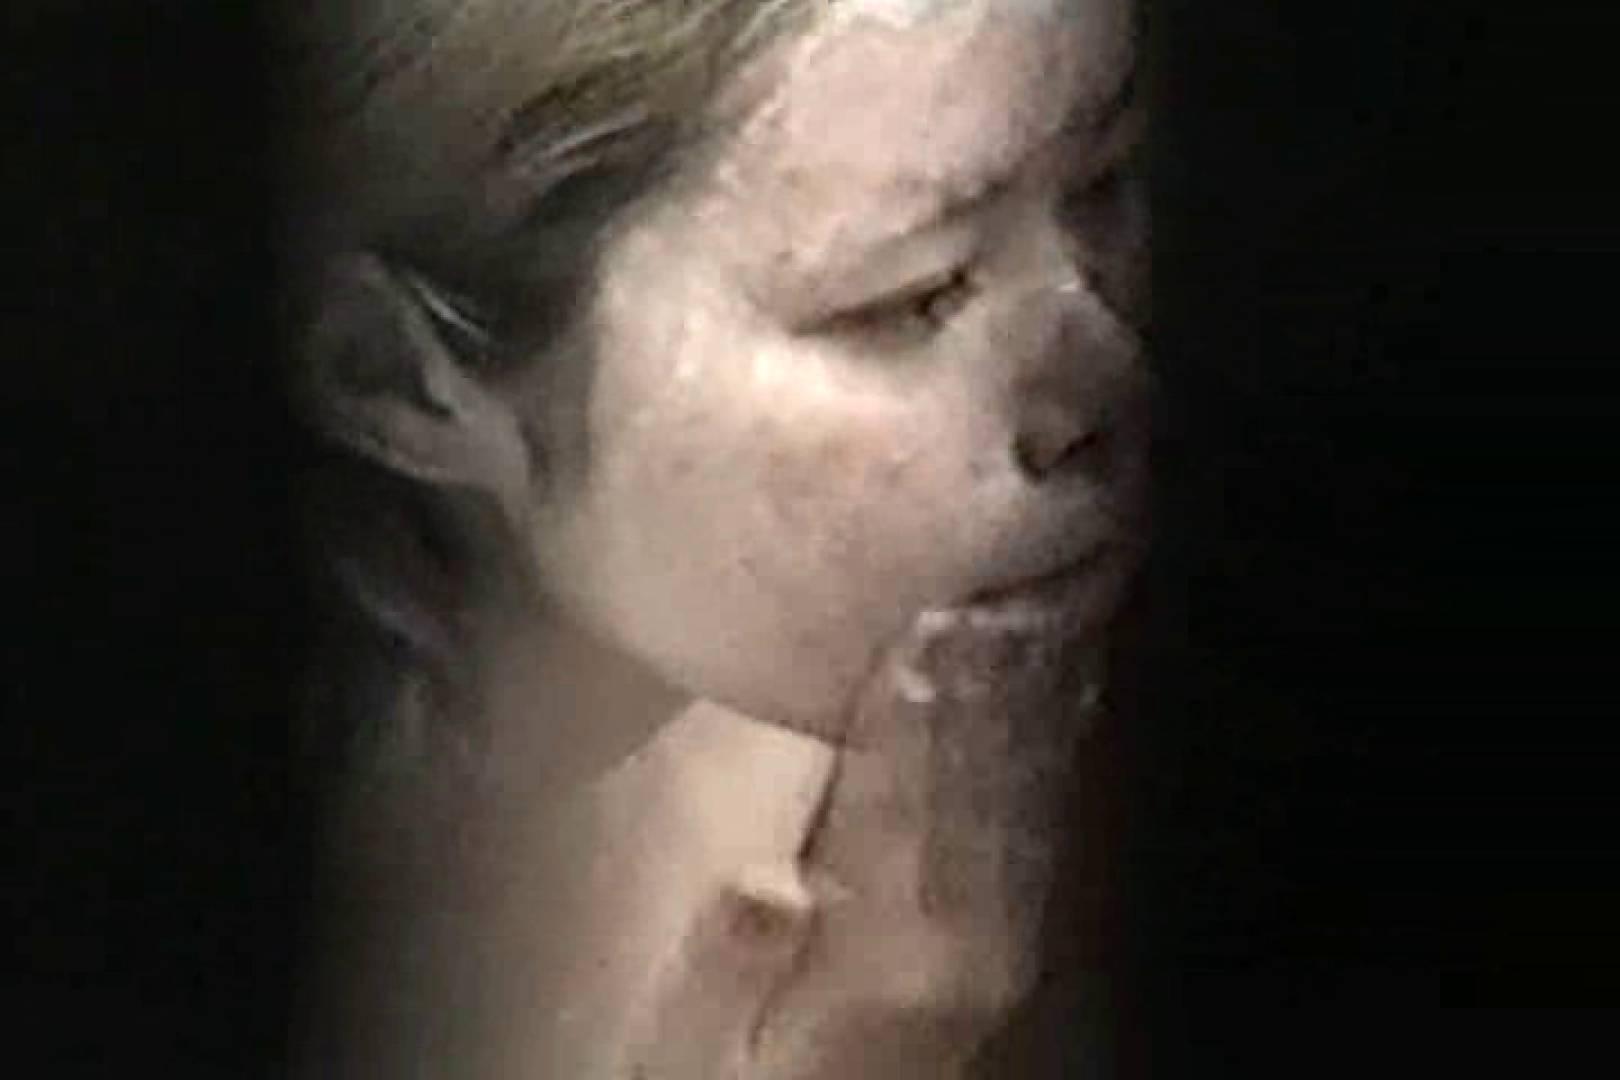 深夜の撮影会Vol.8 盗撮 ヌード画像 76PIX 28